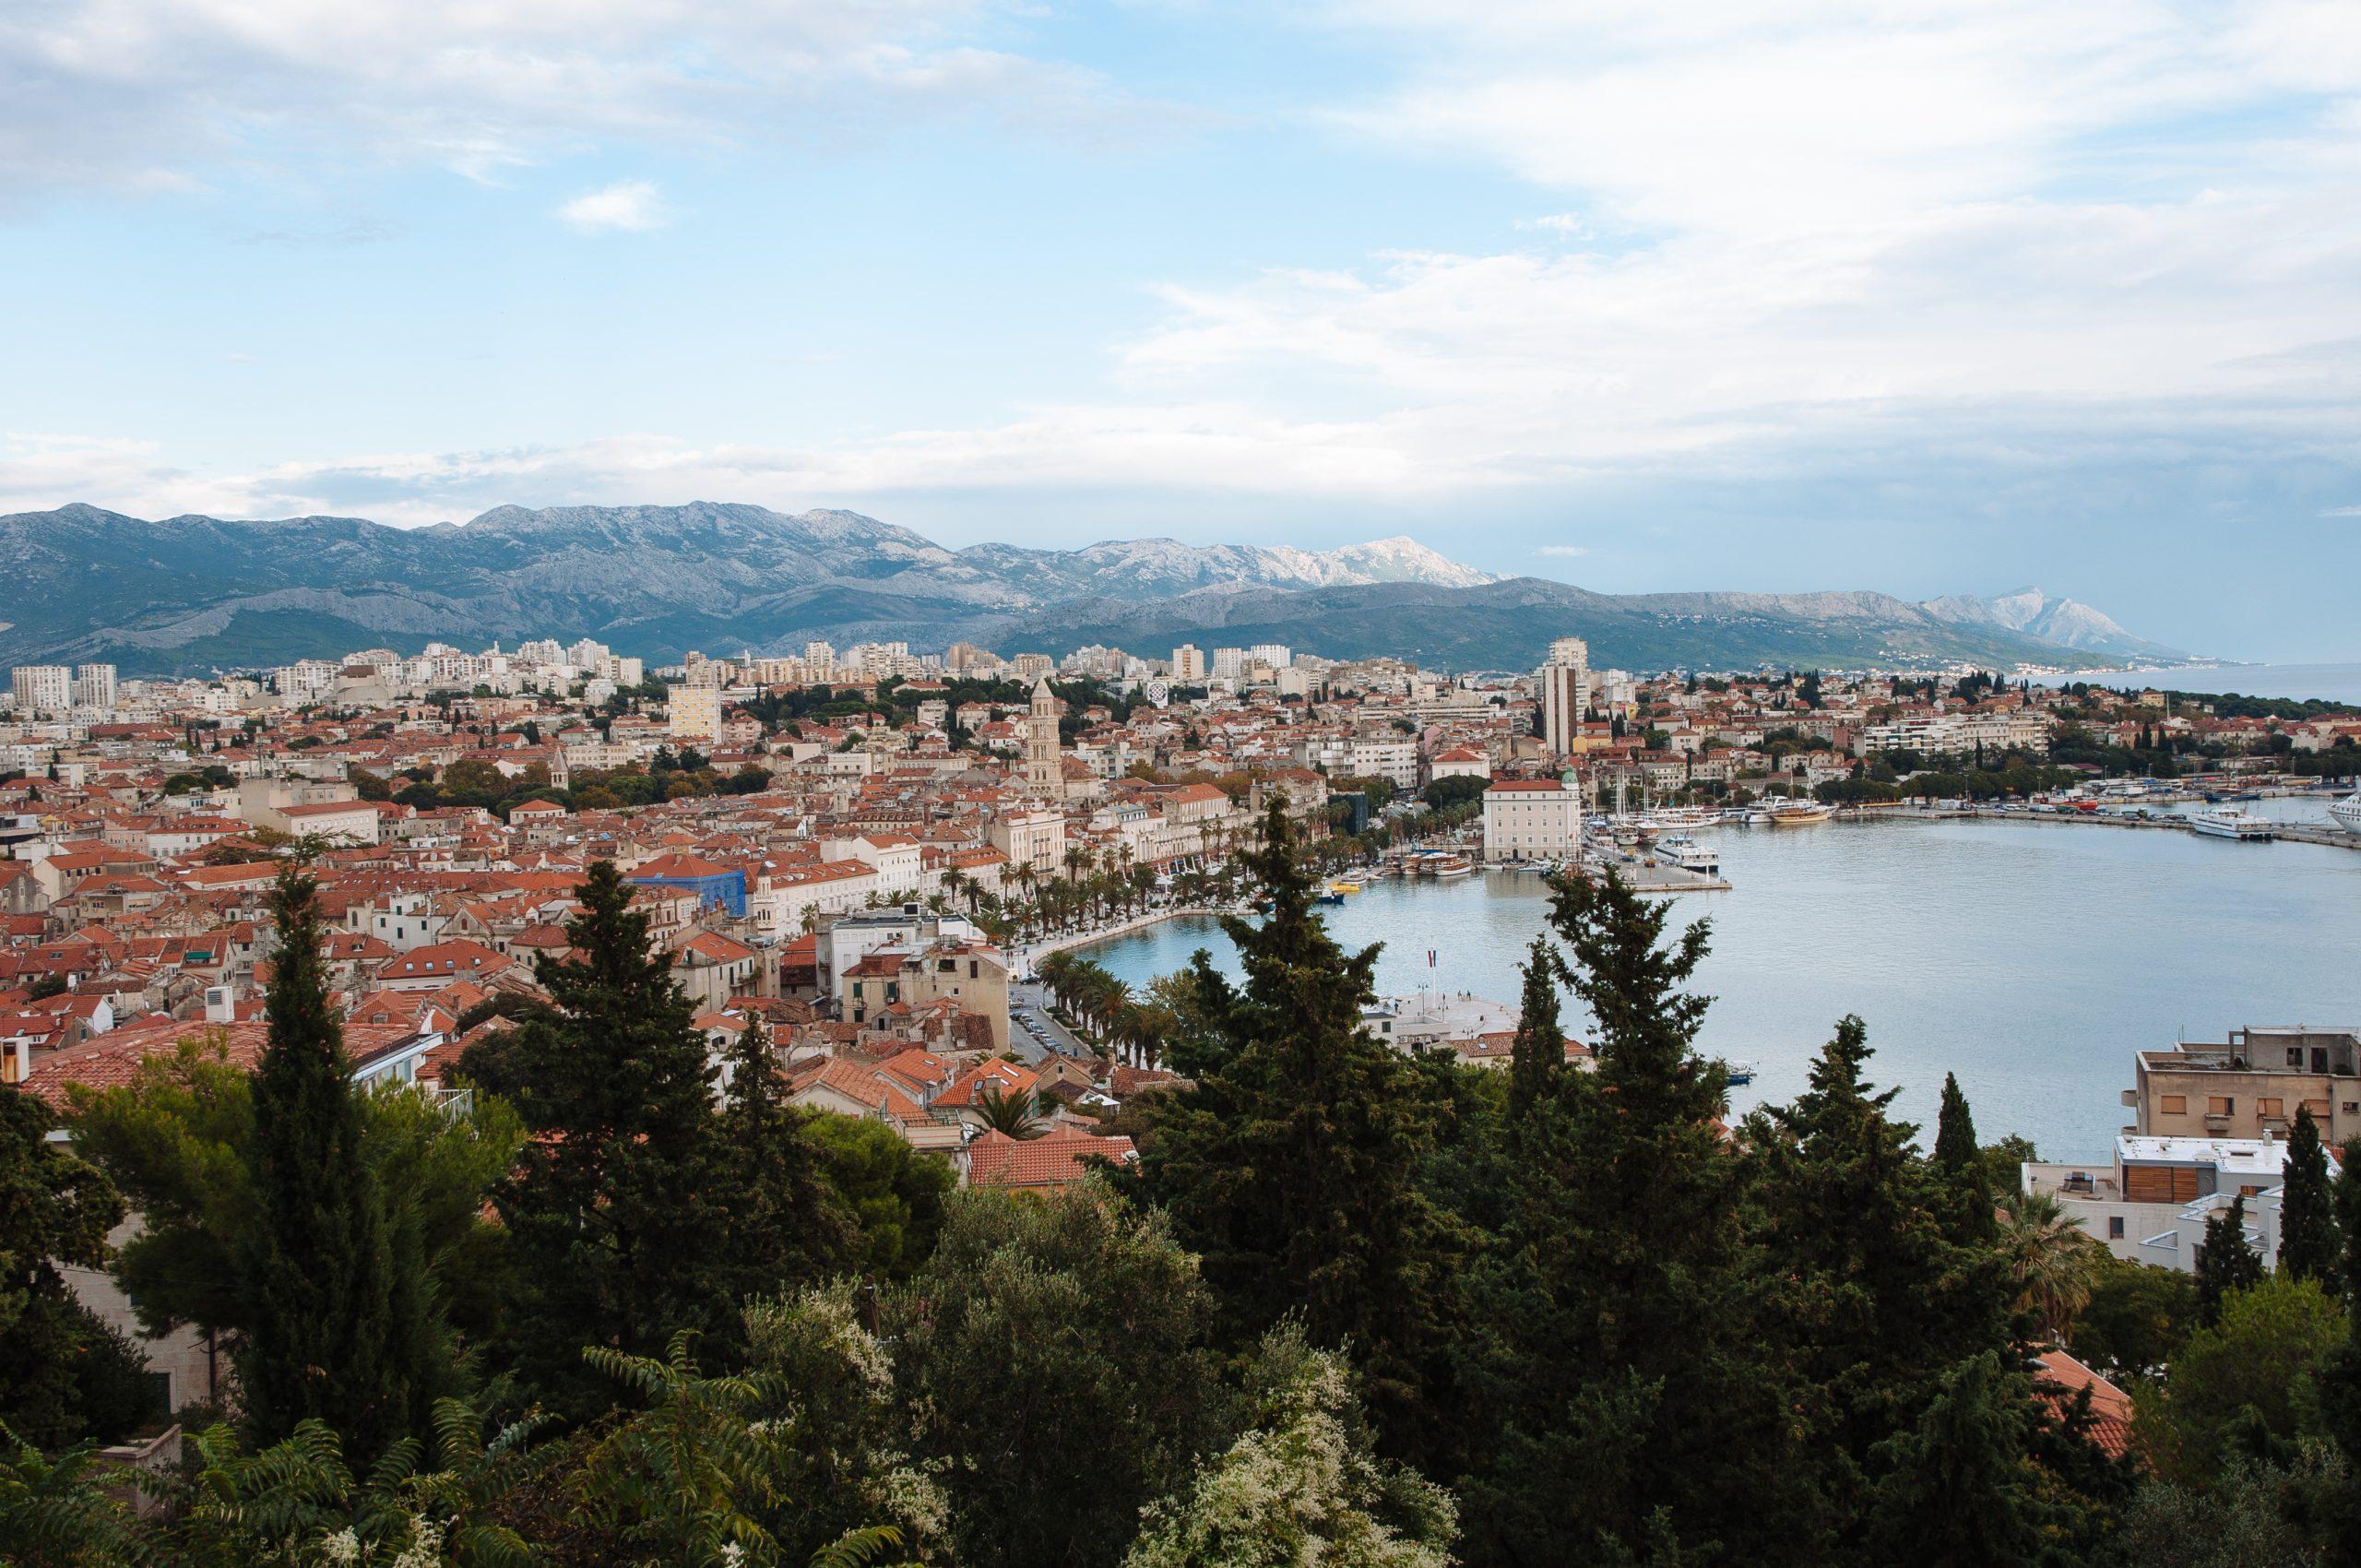 A view of Split from Marjan